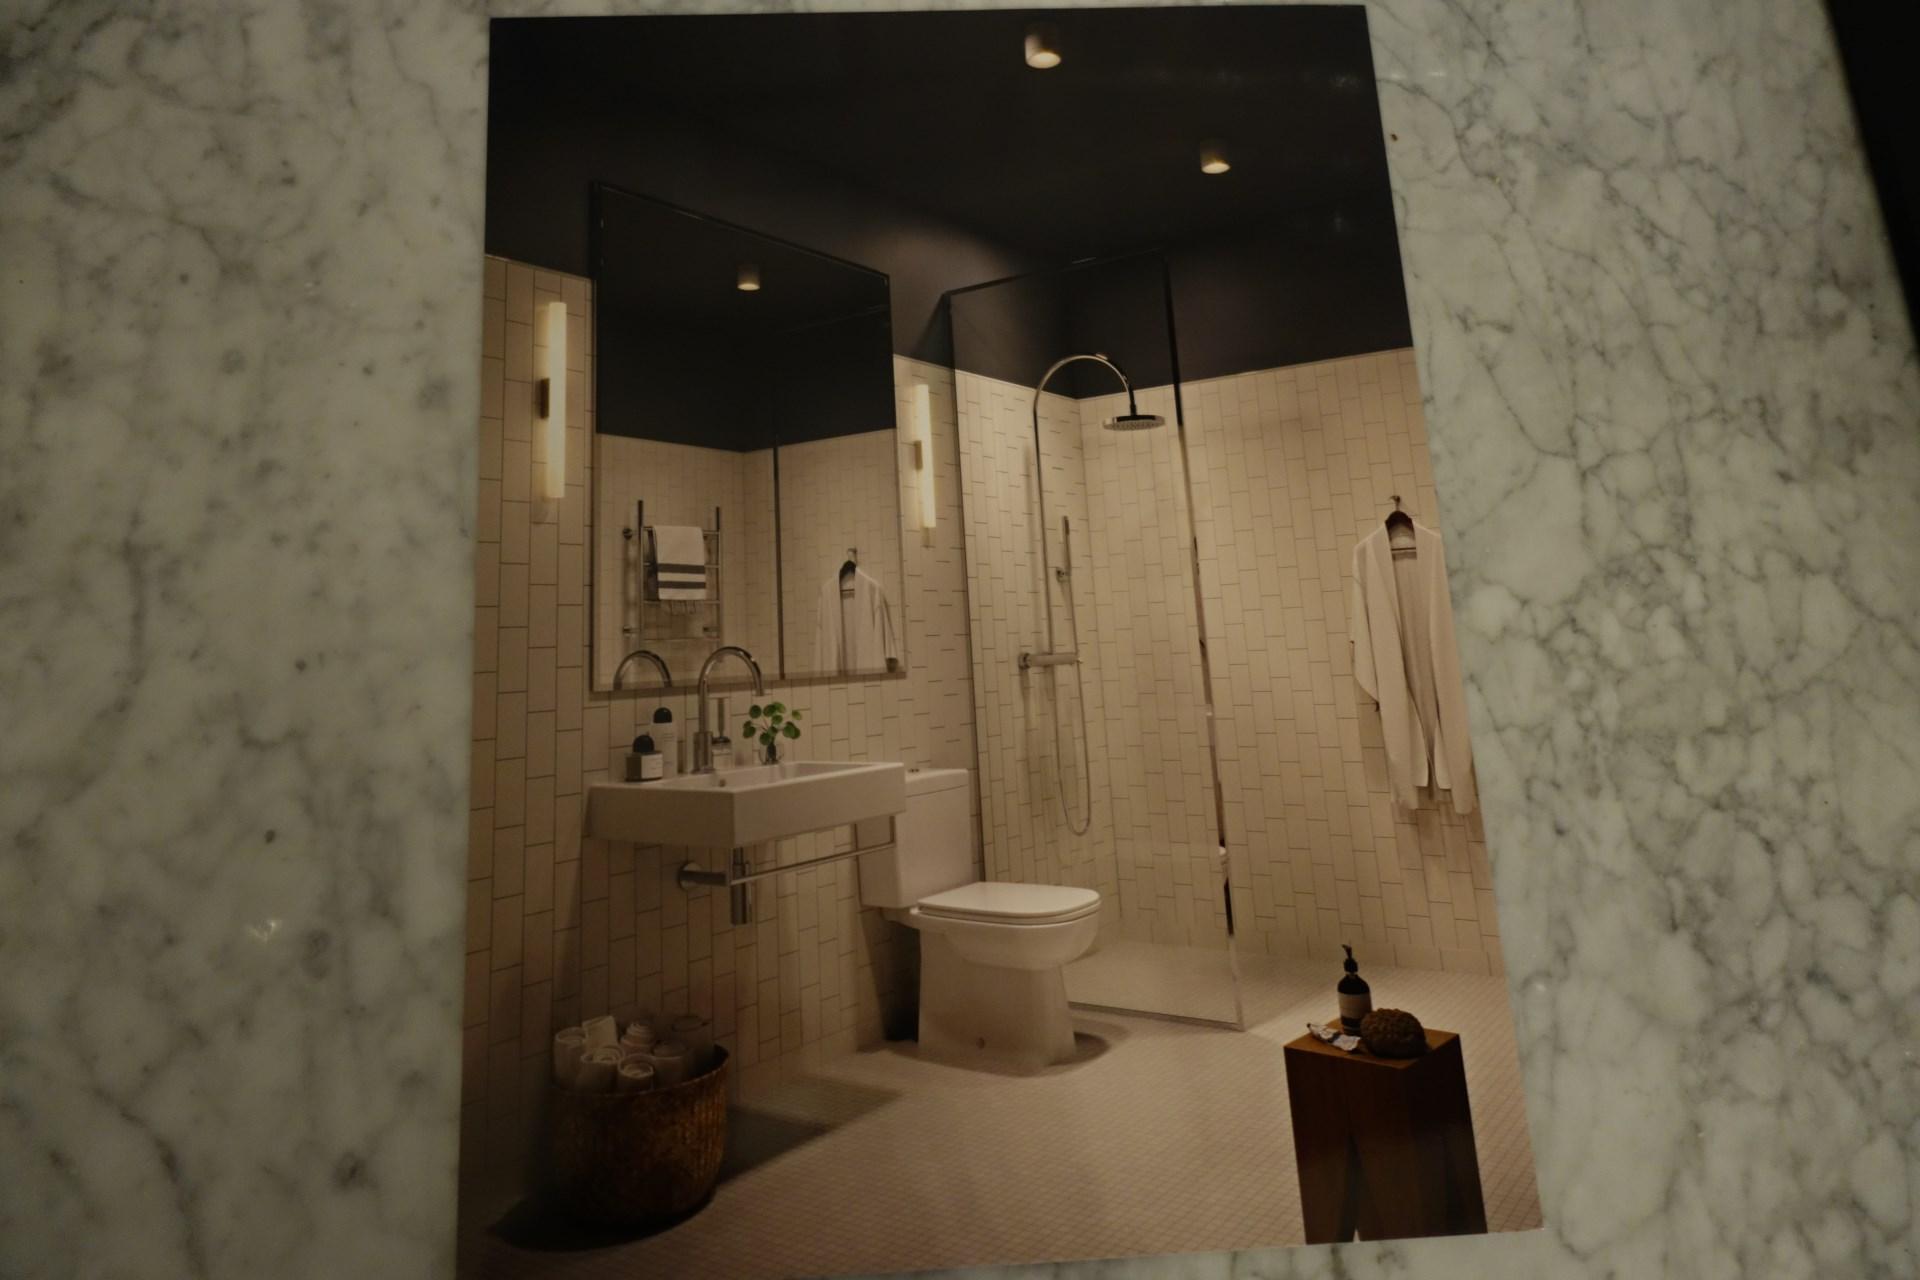 Tre Kronors Väg 31. Entréplan - Detta är exempel bilder från Oscar Properties och inte för den specifika bostadsrätten som förmedlas